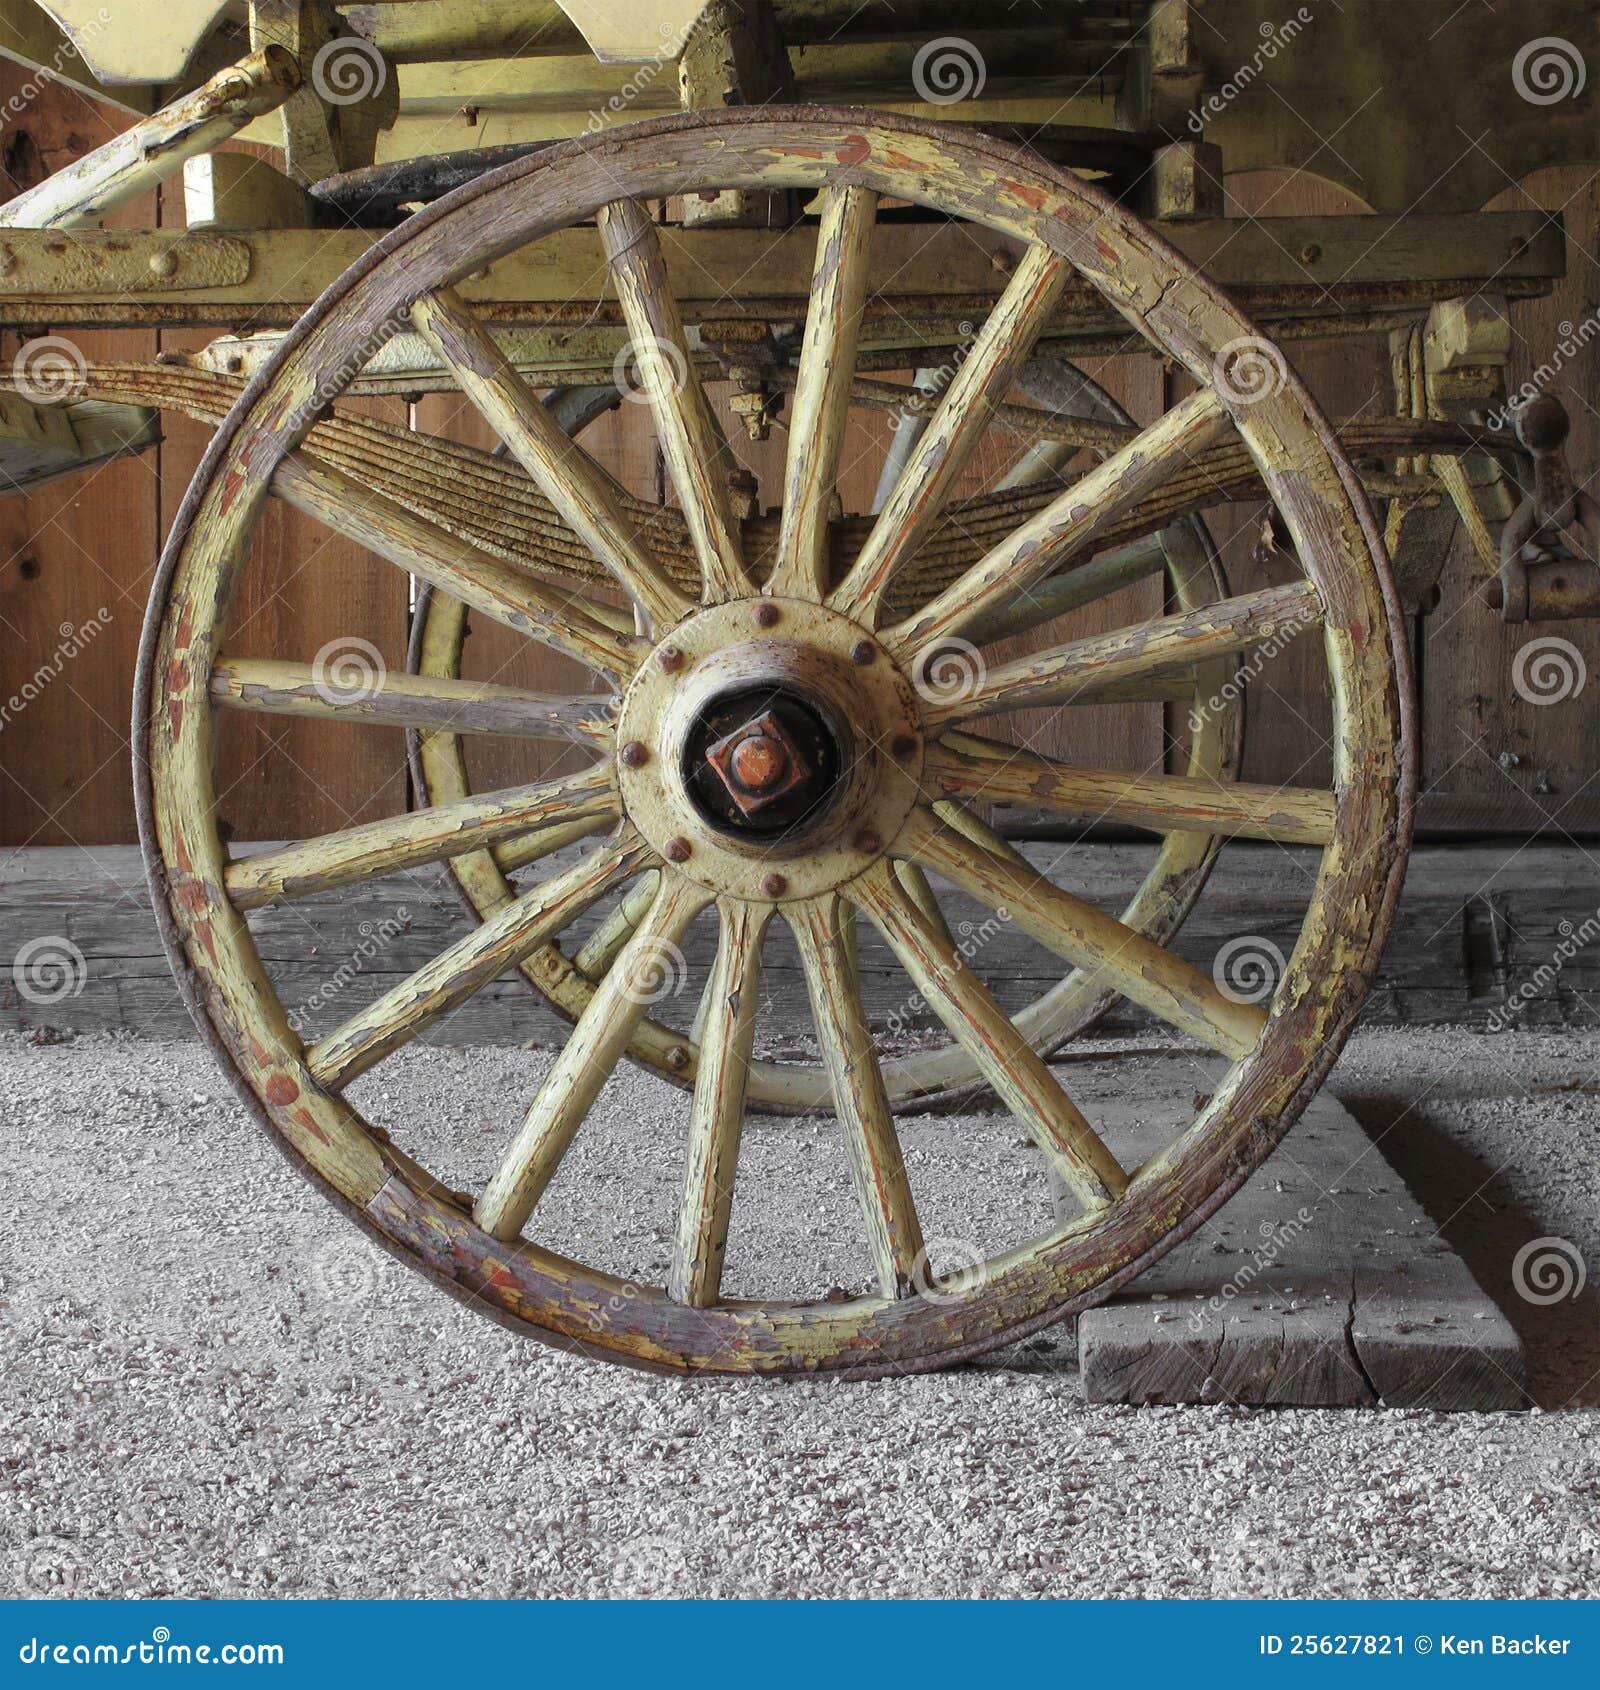 vieille roue de chariot en bois sur un chariot image stock image 25627821. Black Bedroom Furniture Sets. Home Design Ideas